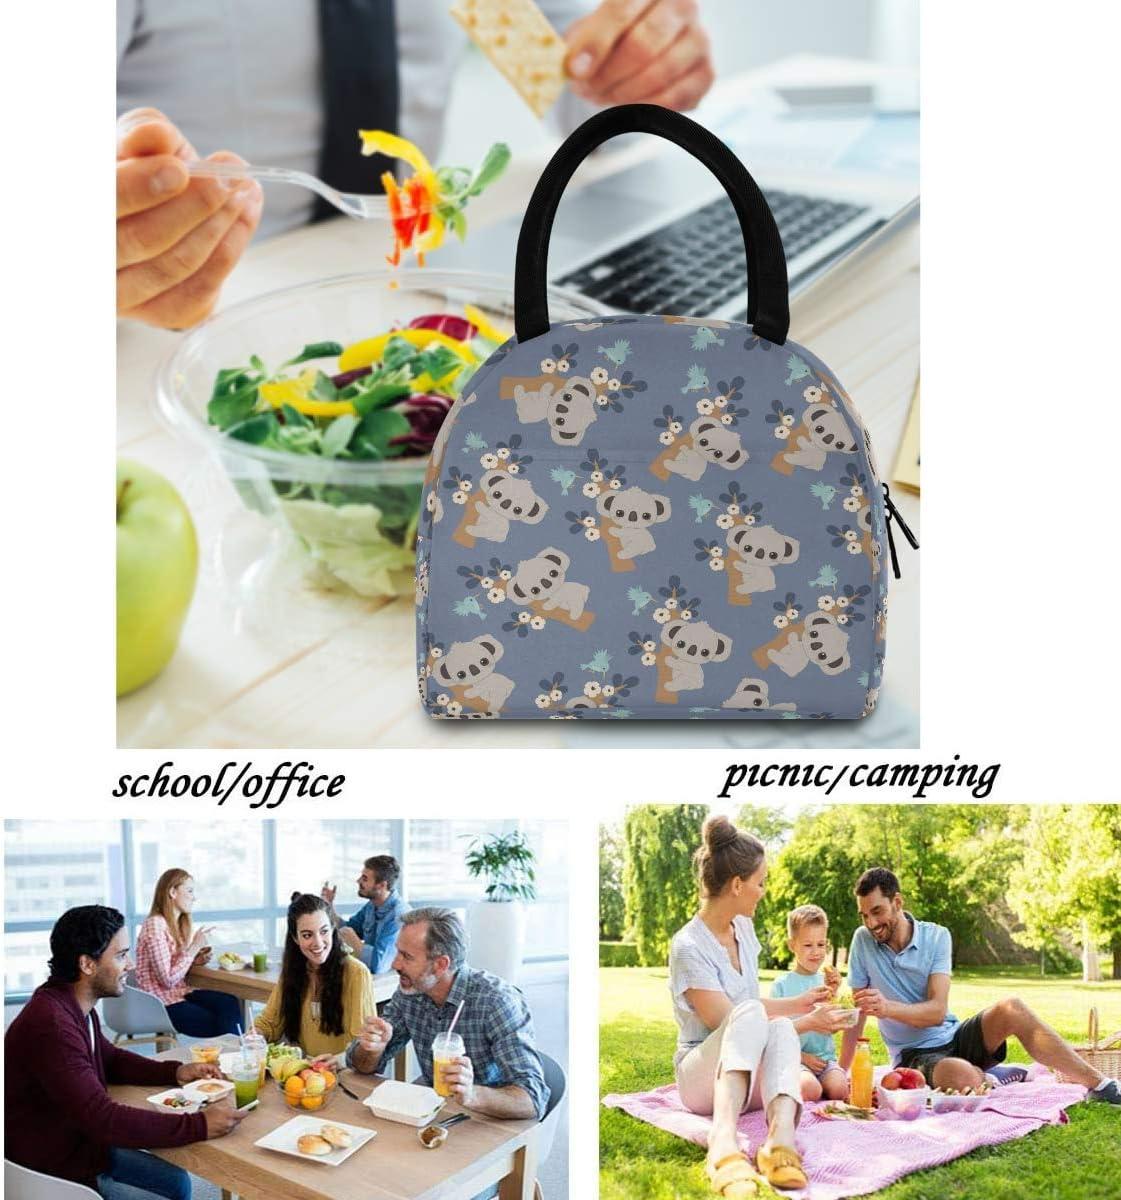 lavoro per adulti picnic per il pranzo resistente allacqua ragazze Borsa termica termica per il pranzo da donna con motivo floreale Funnyy Koala